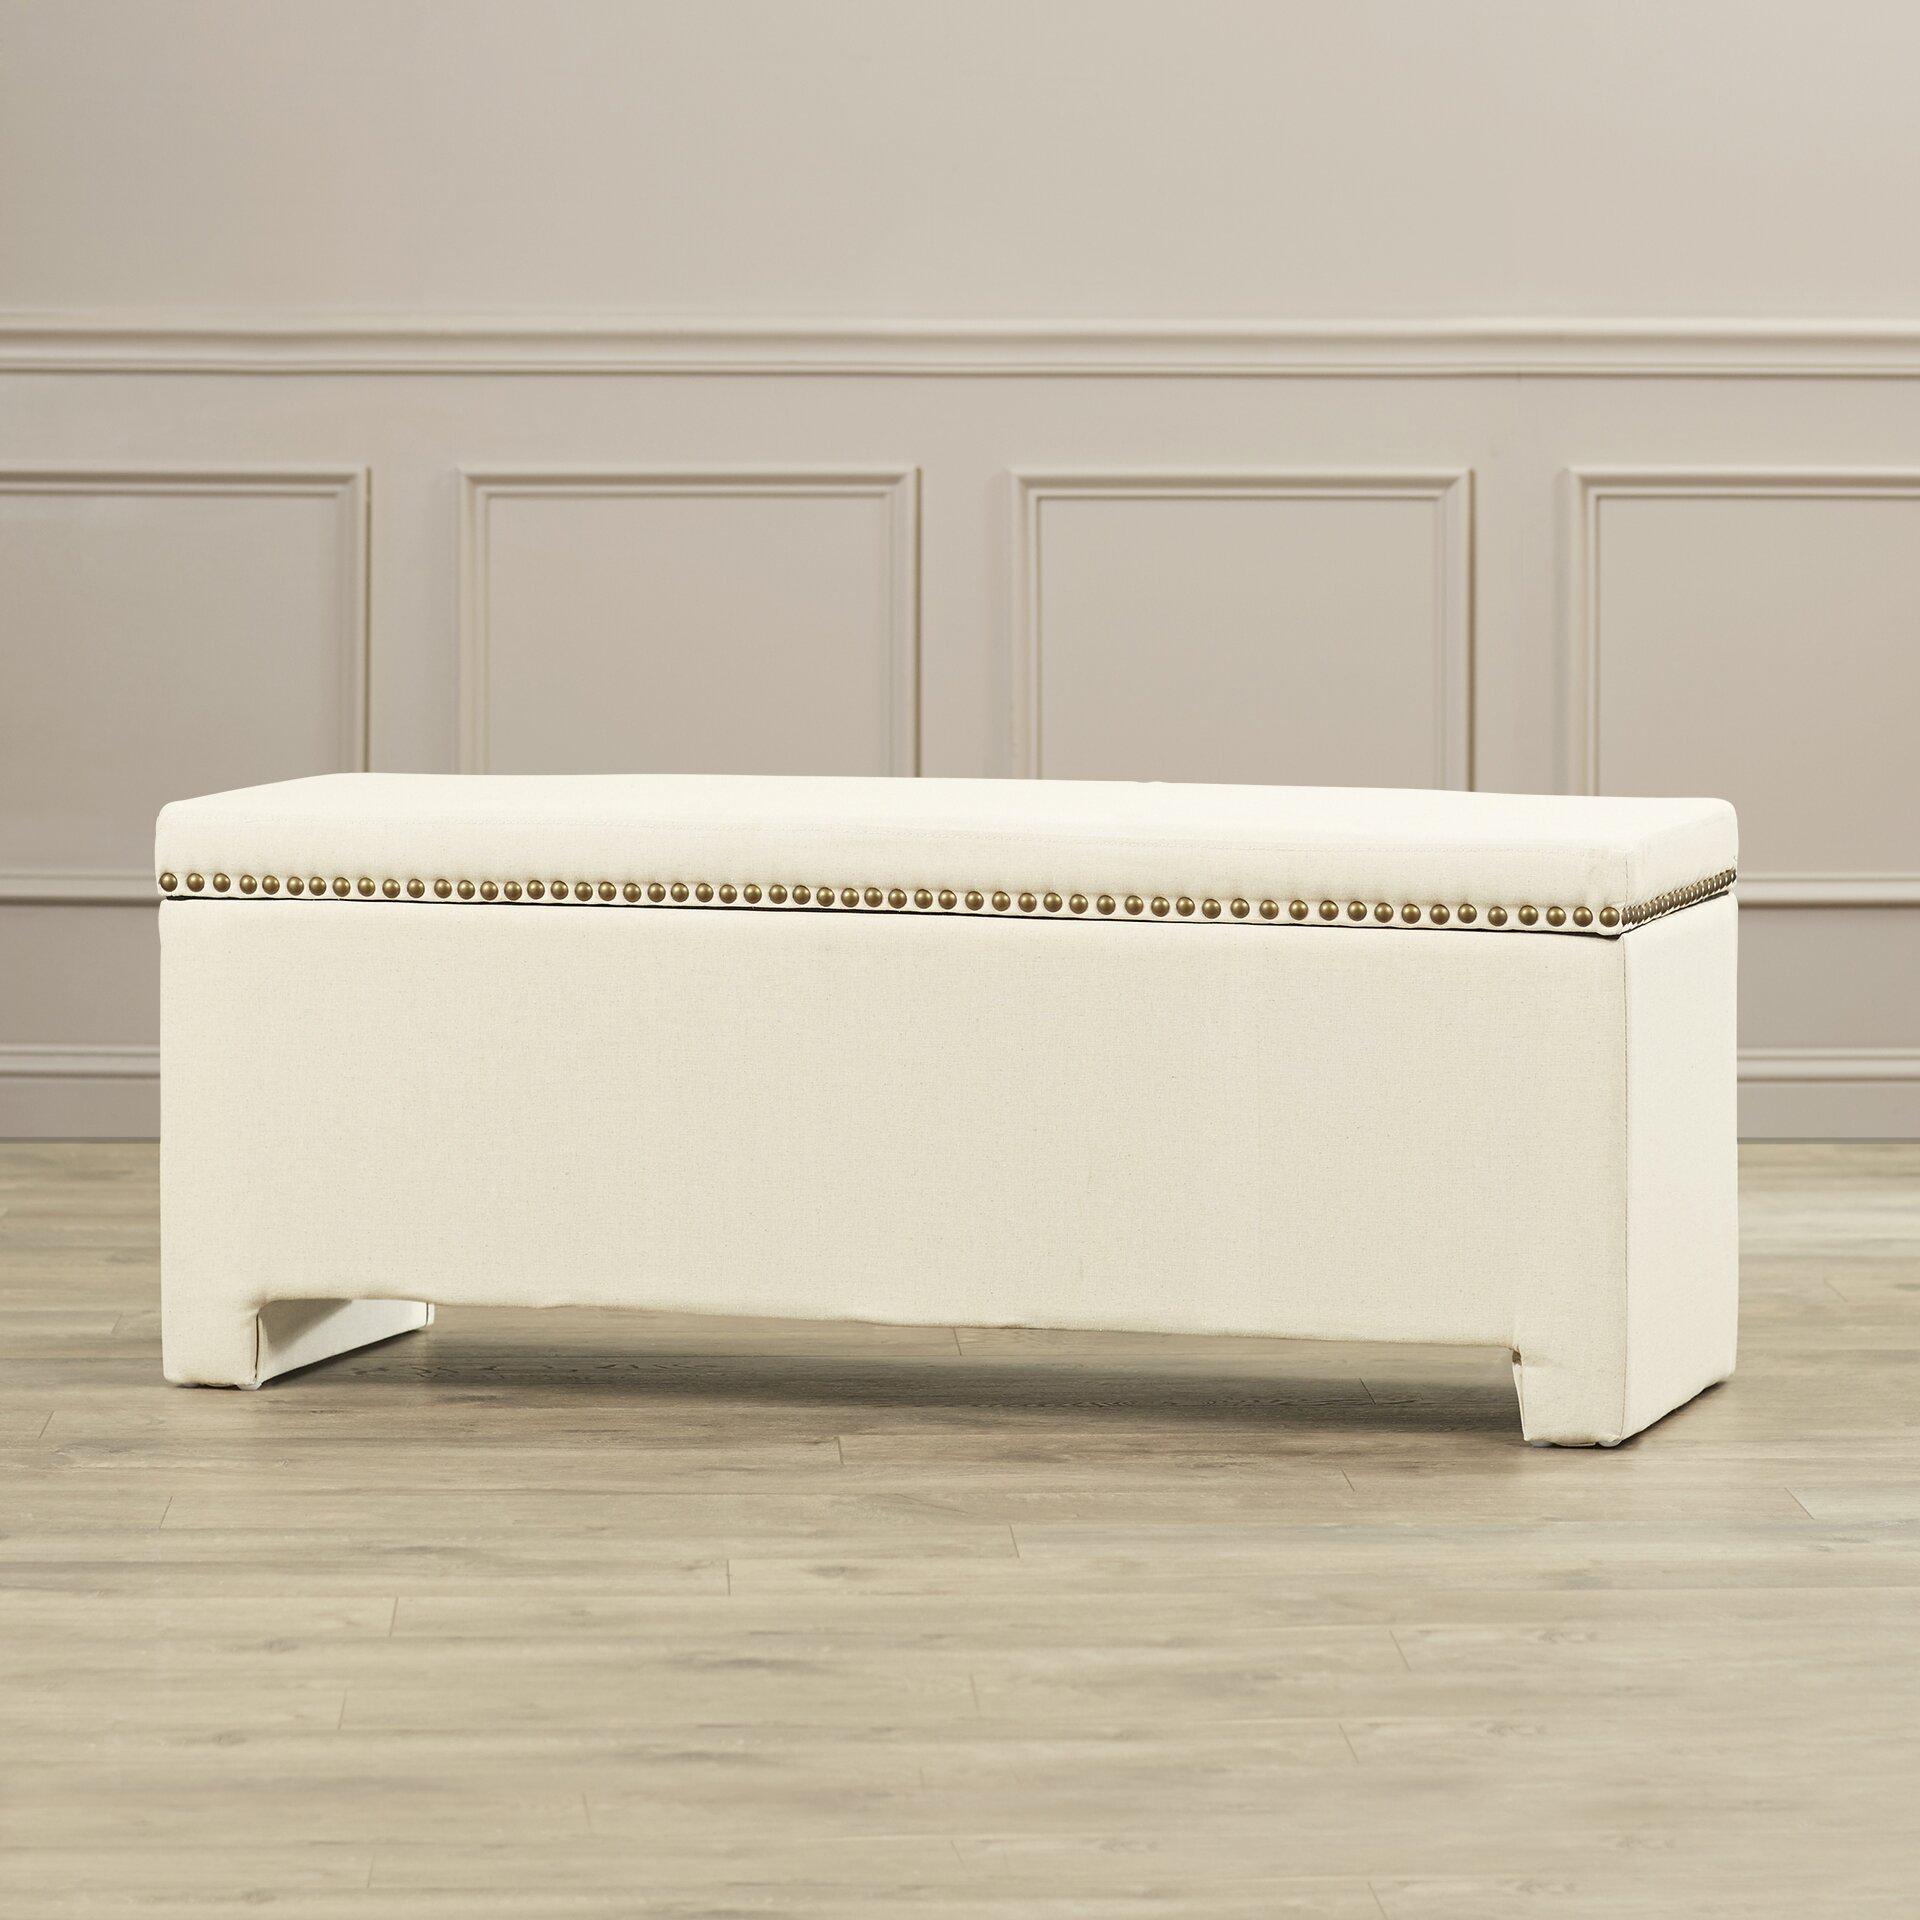 Alcott hill cloville upholstered storage bedroom bench - Bedroom storage bench upholstered ...